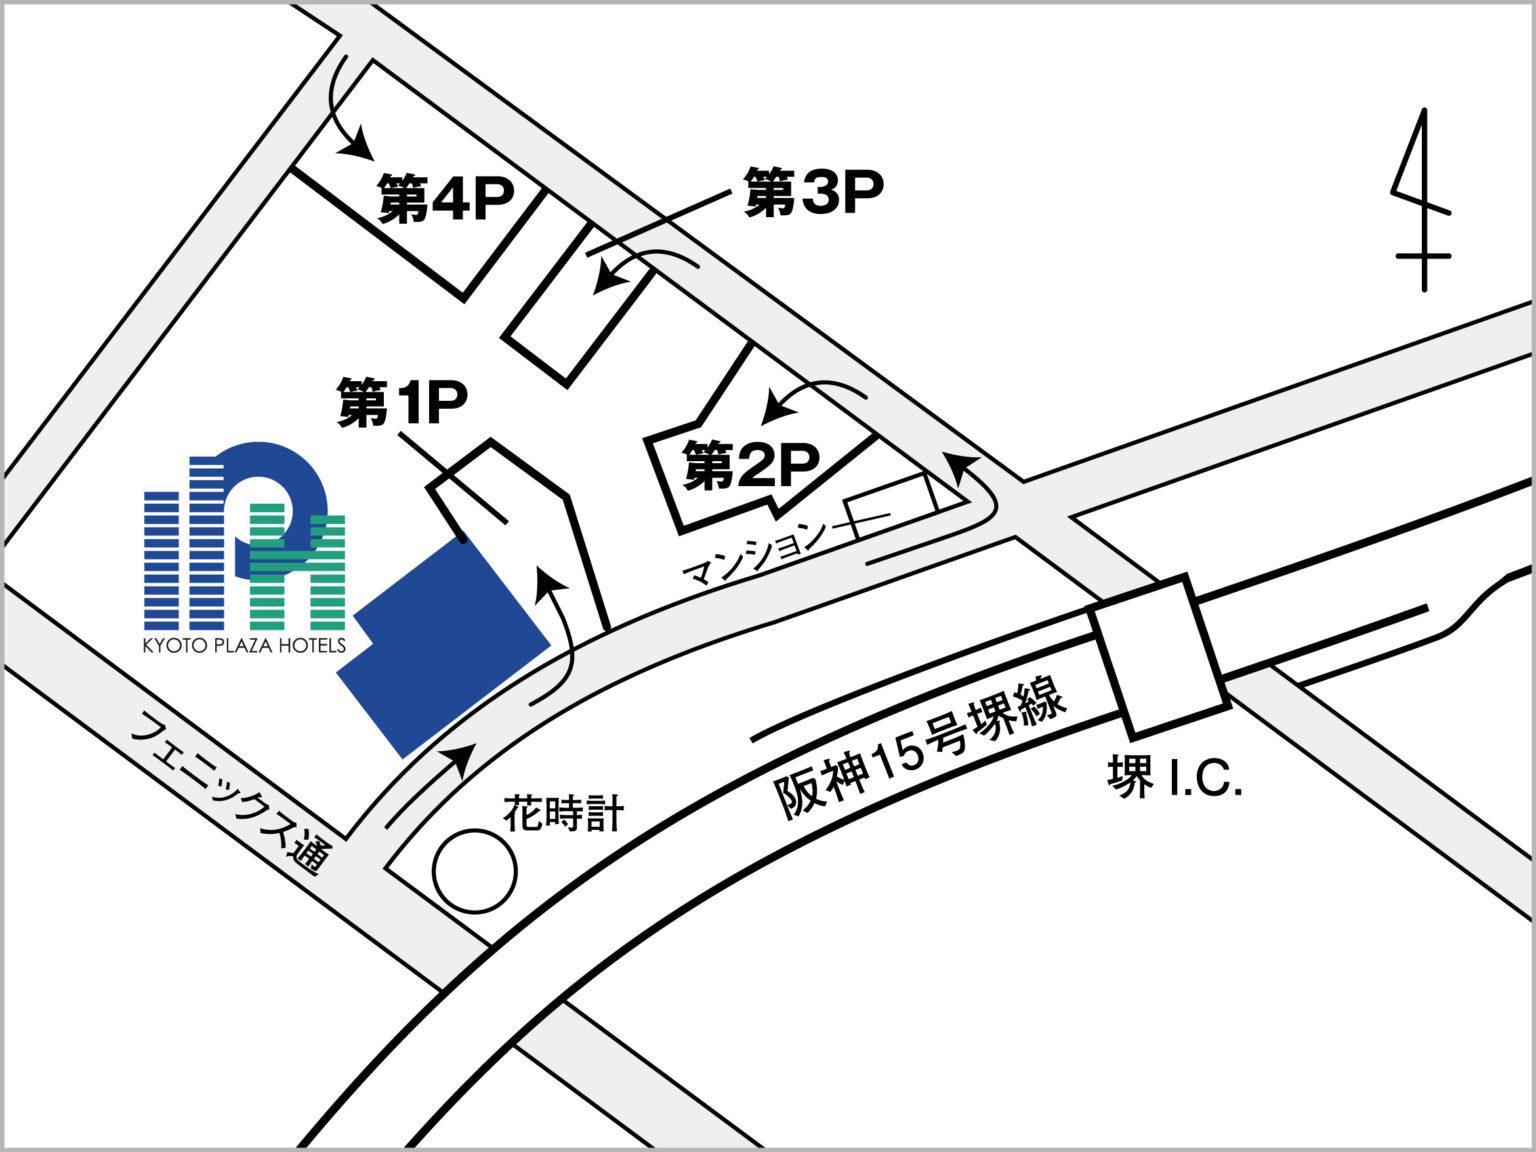 大阪府堺市堺区大町東4-2-30 ホテルアストンプラザ大阪堺 -03